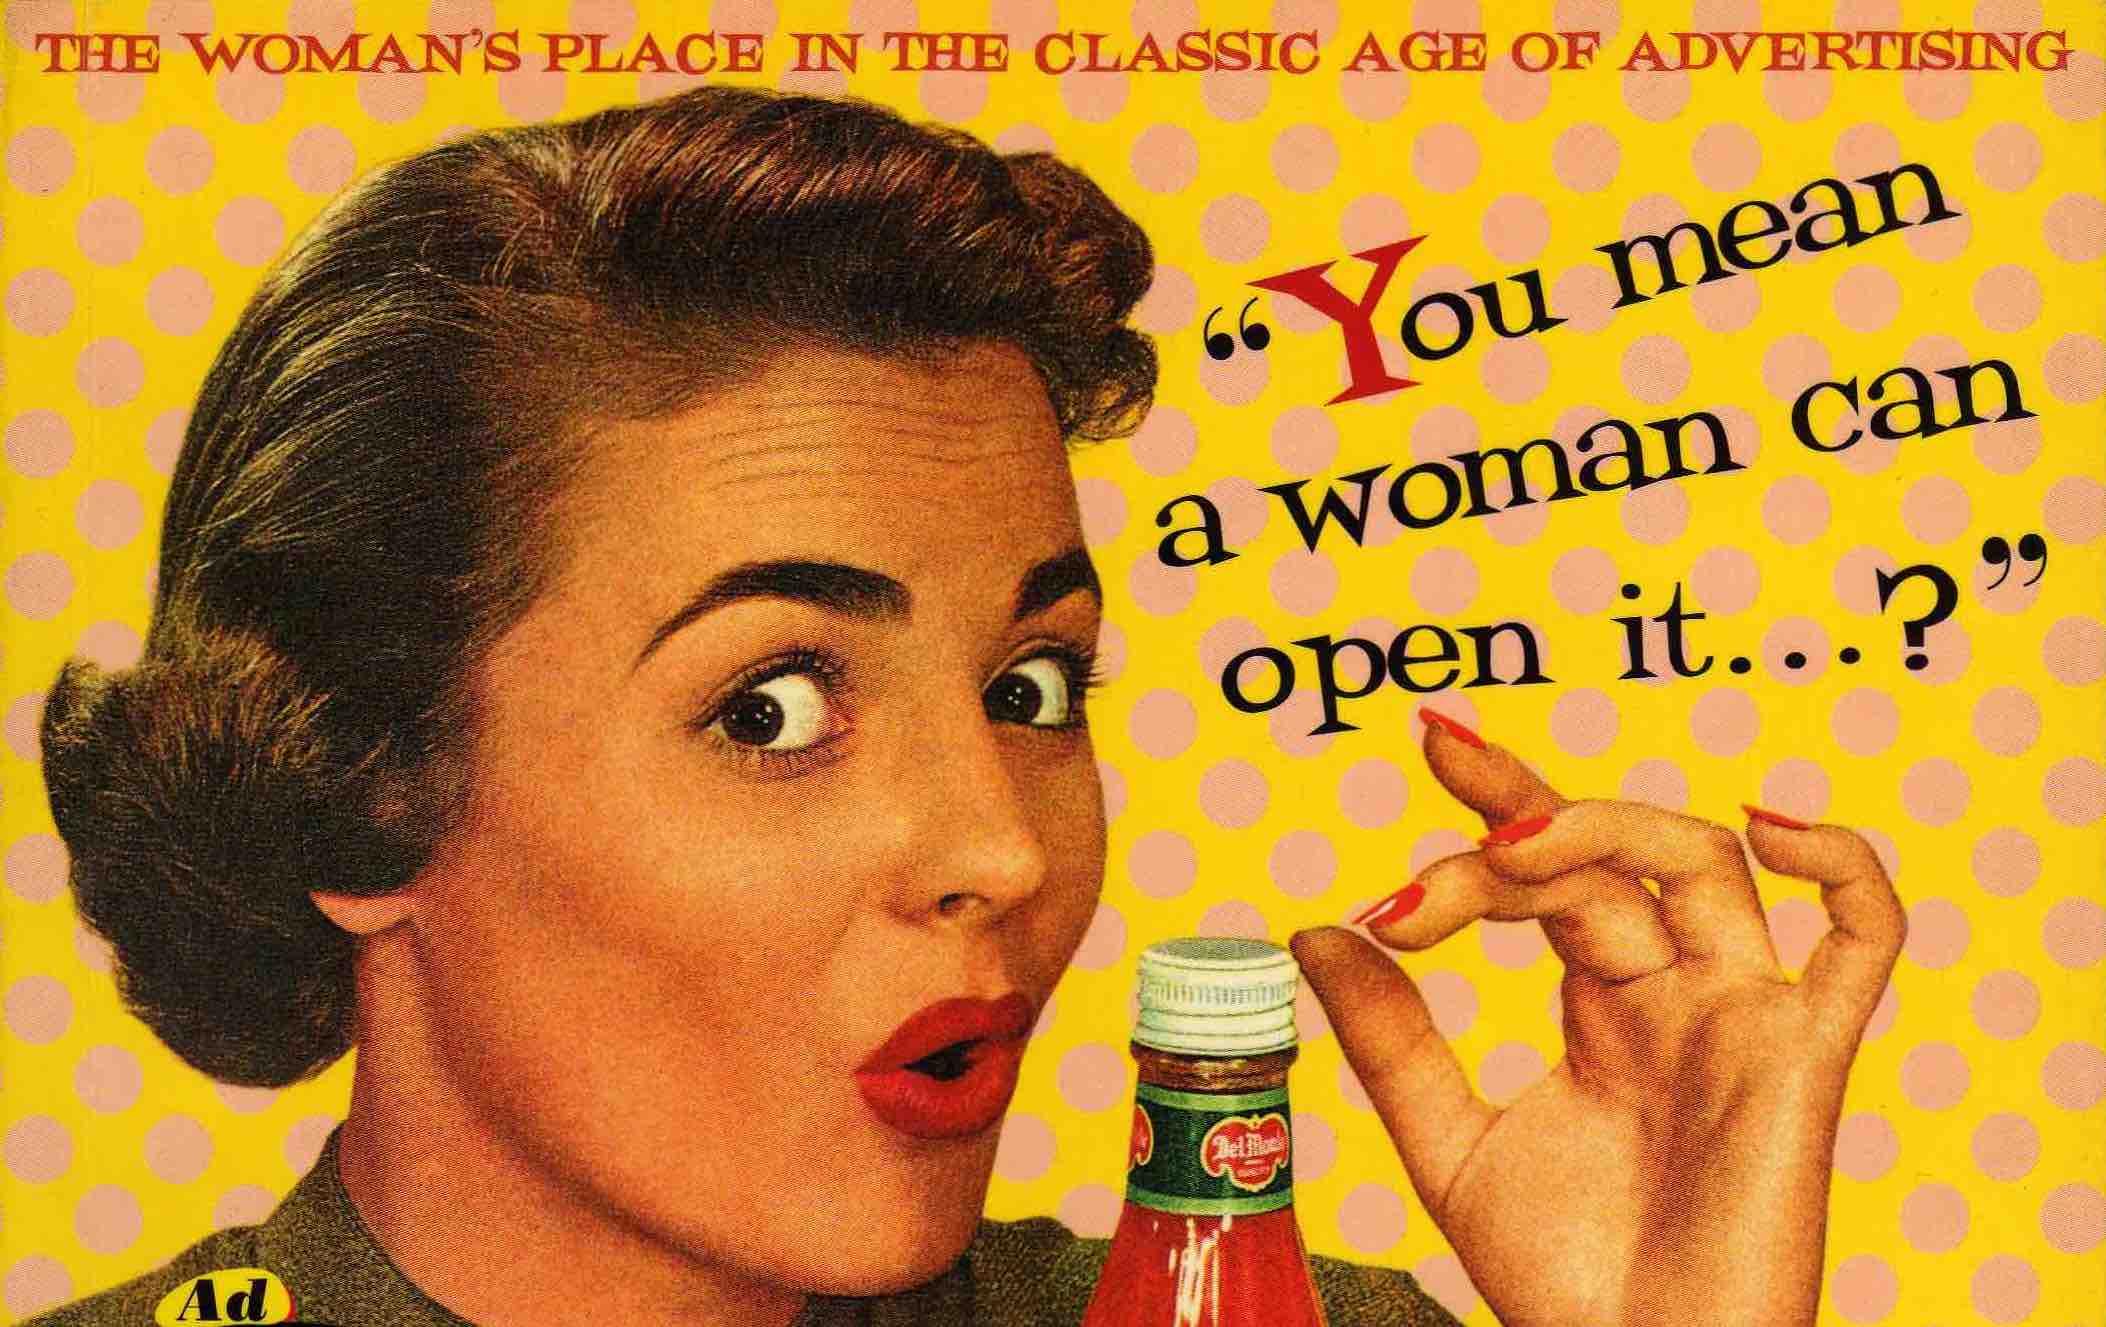 sexist postcard